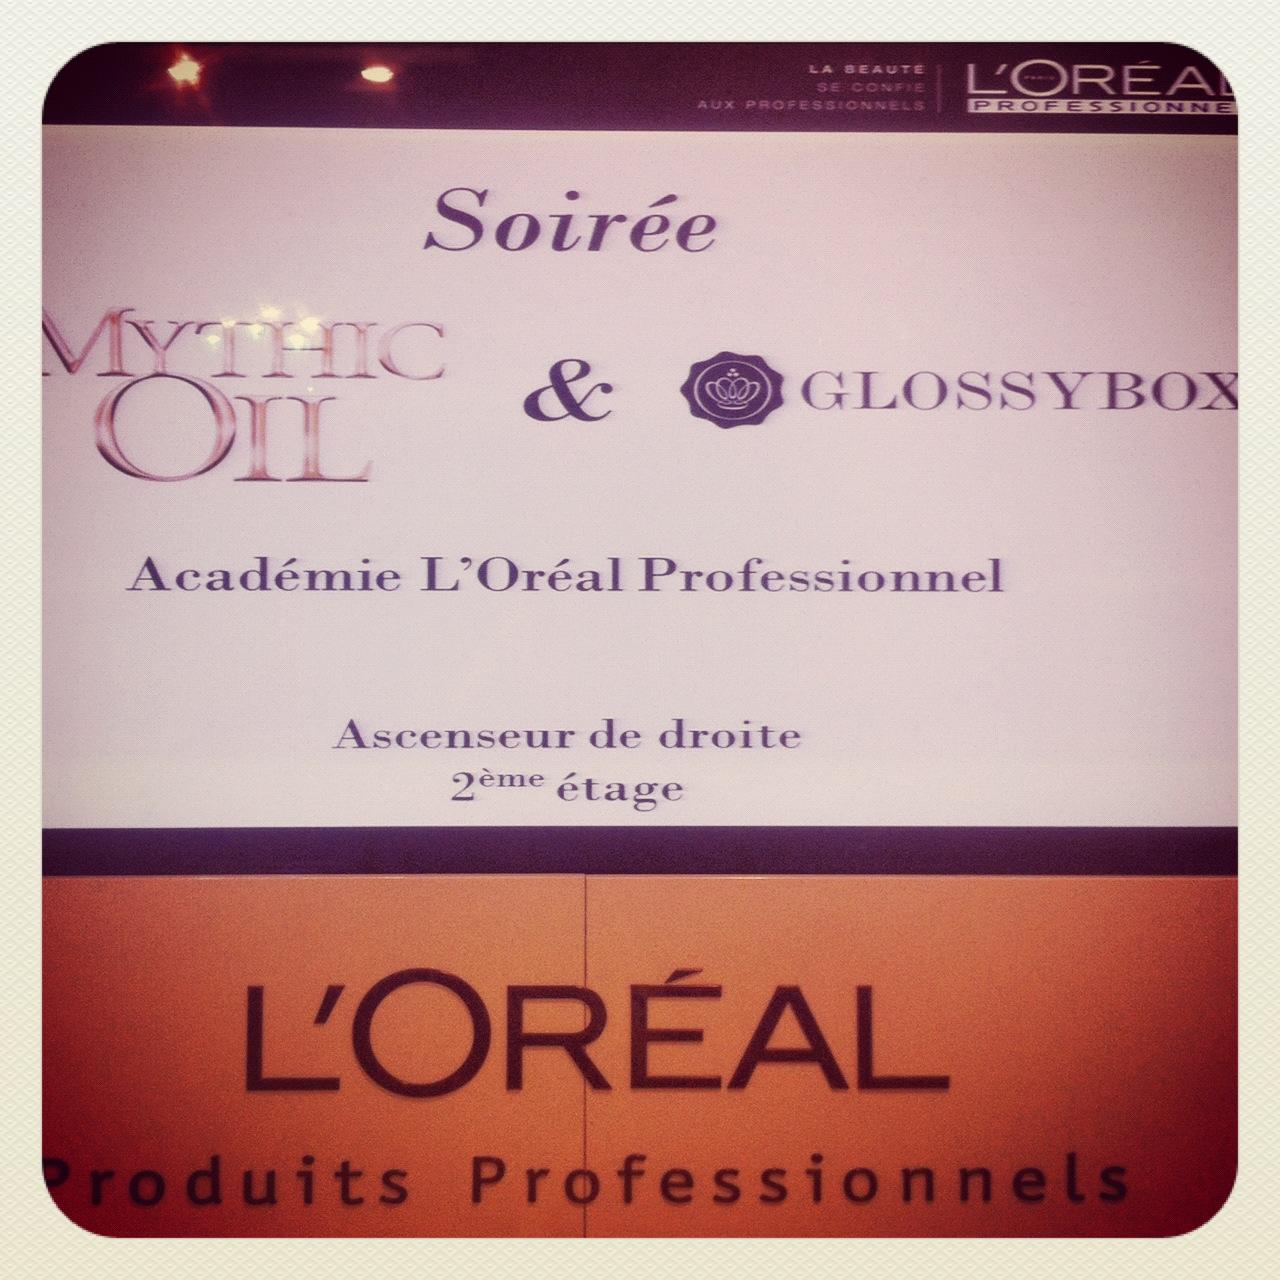 Ma soirée Mythic Oil par L'Oréal Professionnel et Glossy Box